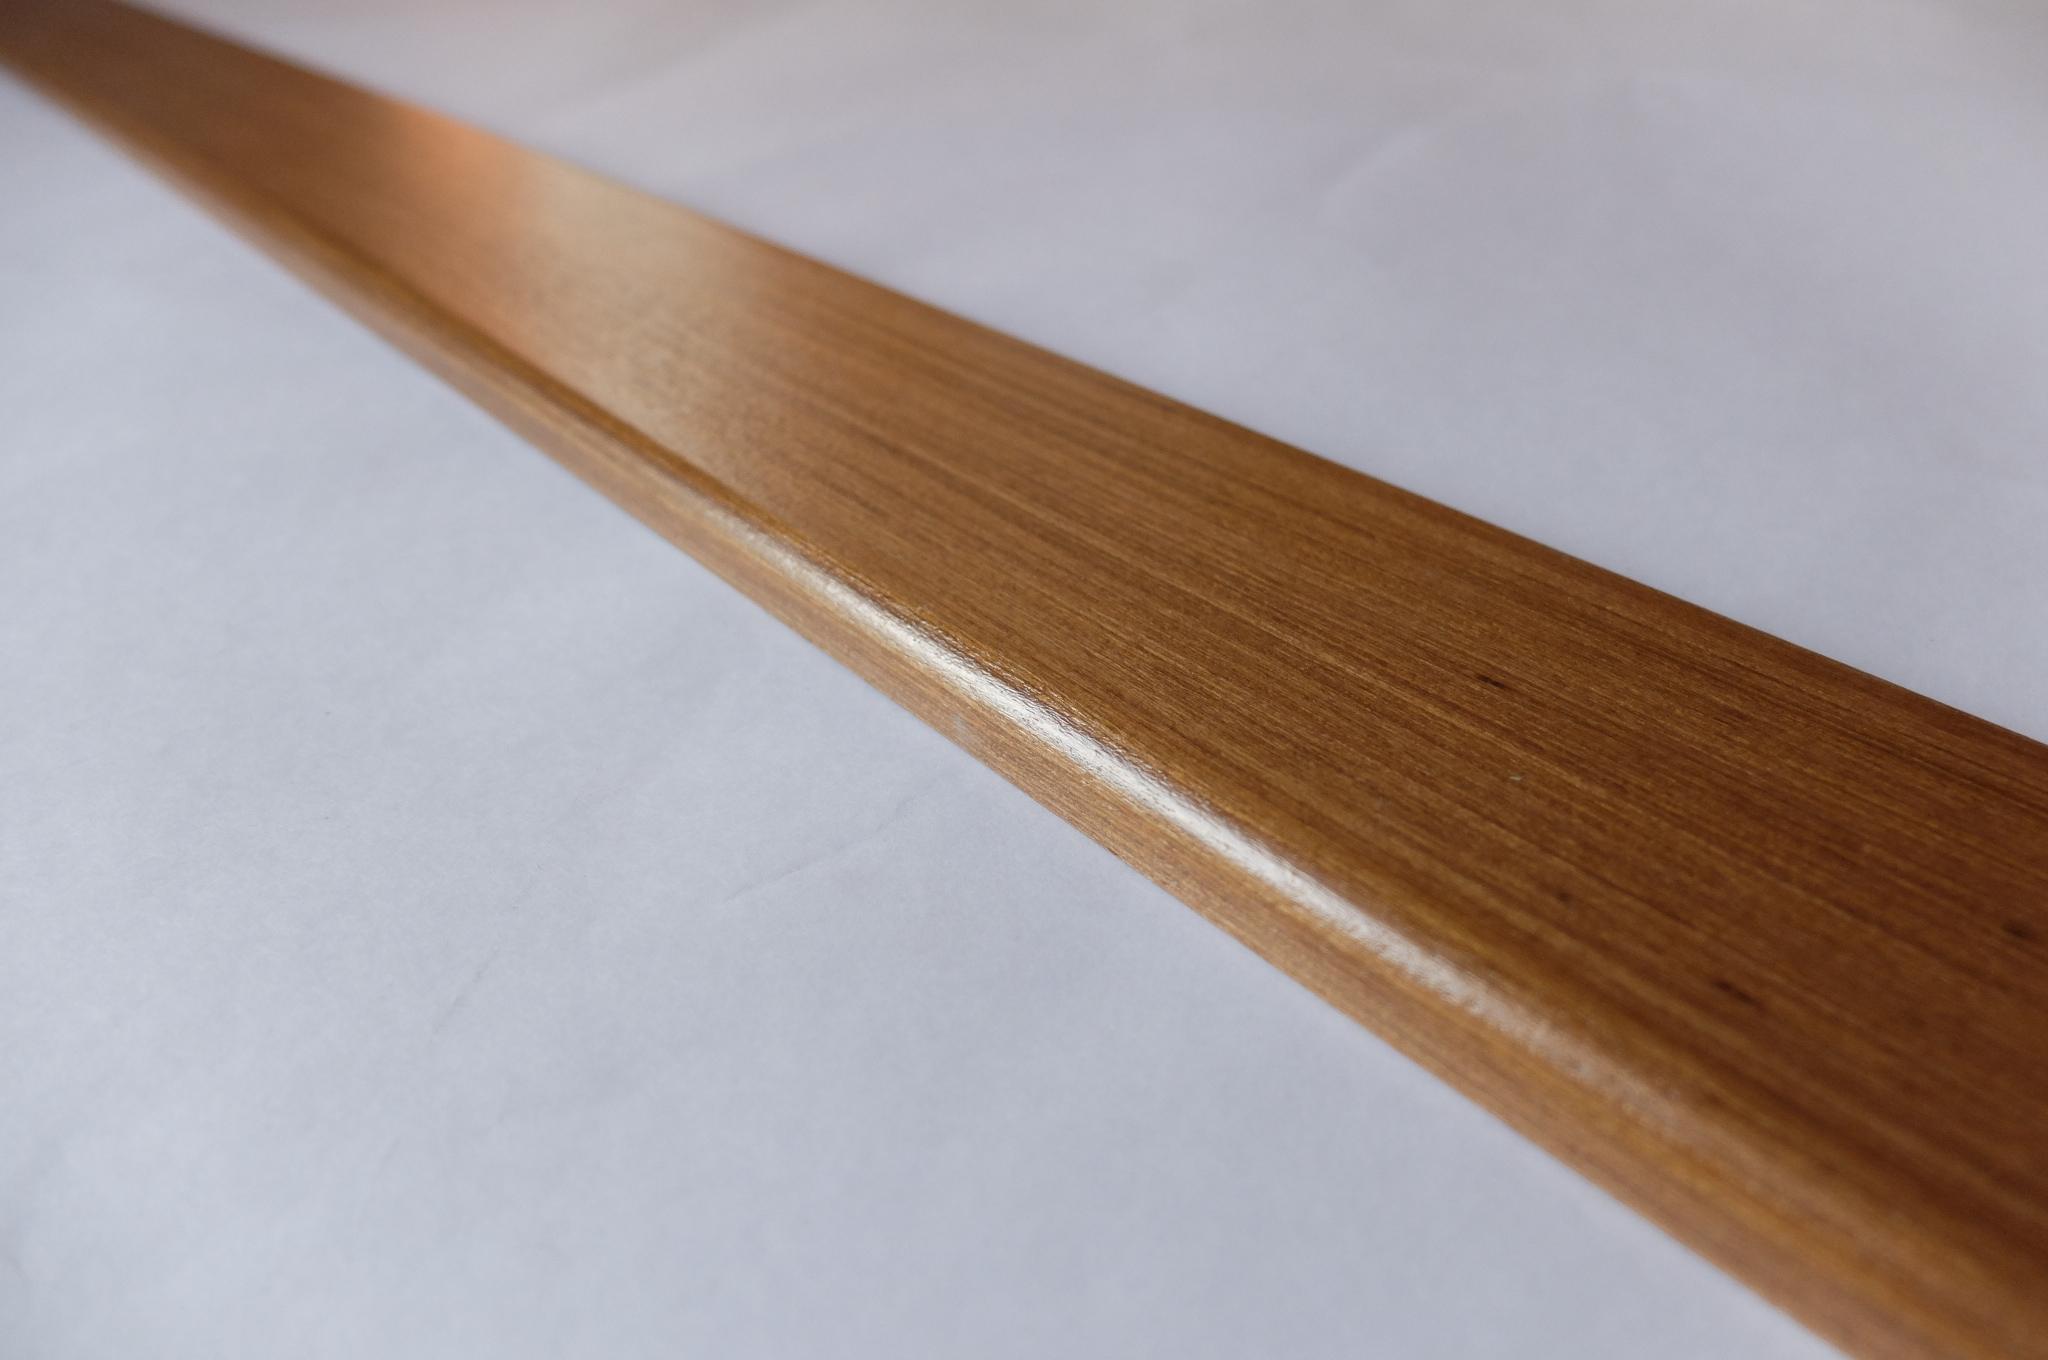 Наличник шпон ореха (70х2130х23)